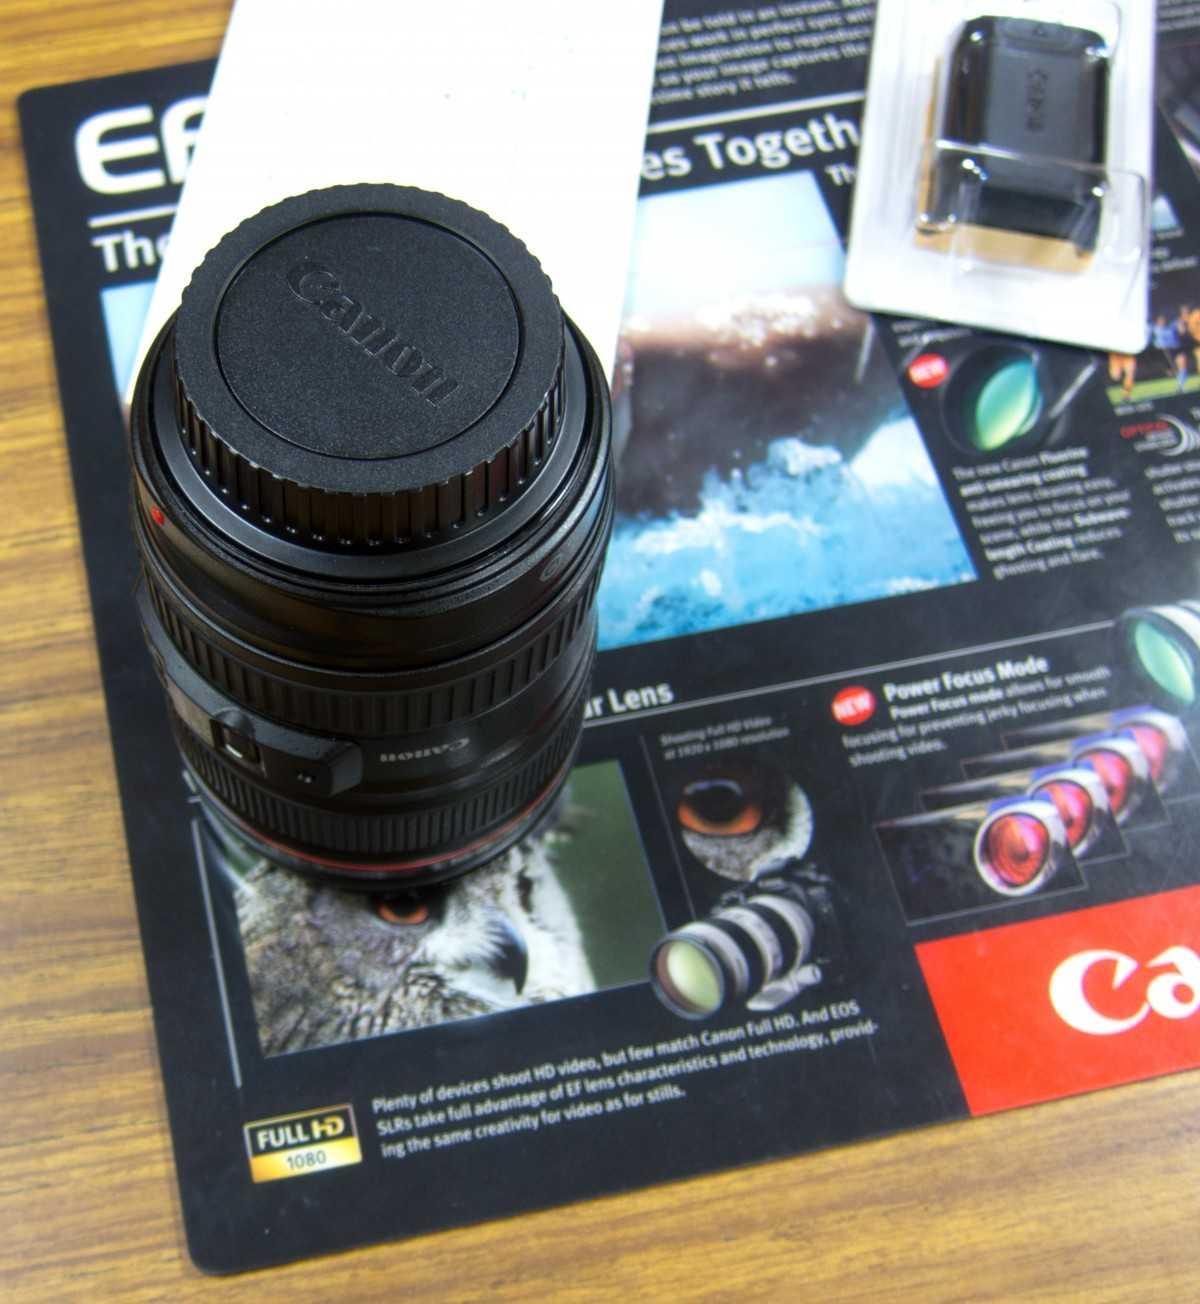 Canon zoemini c и zoemini s: фотокамеры моментальной печати / компактные камеры / новости фототехники